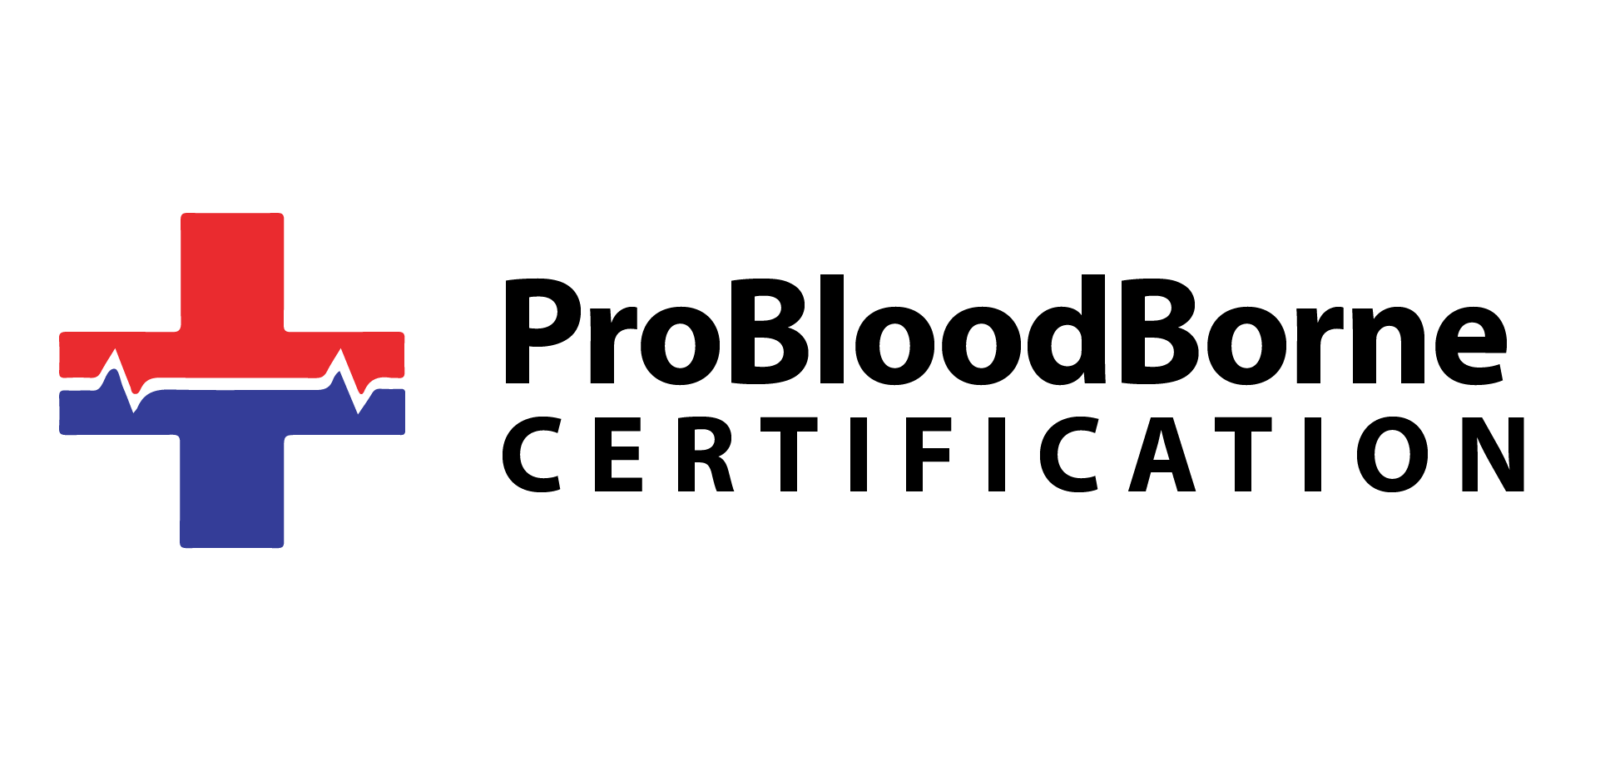 ProBloodBorne Certification Logo